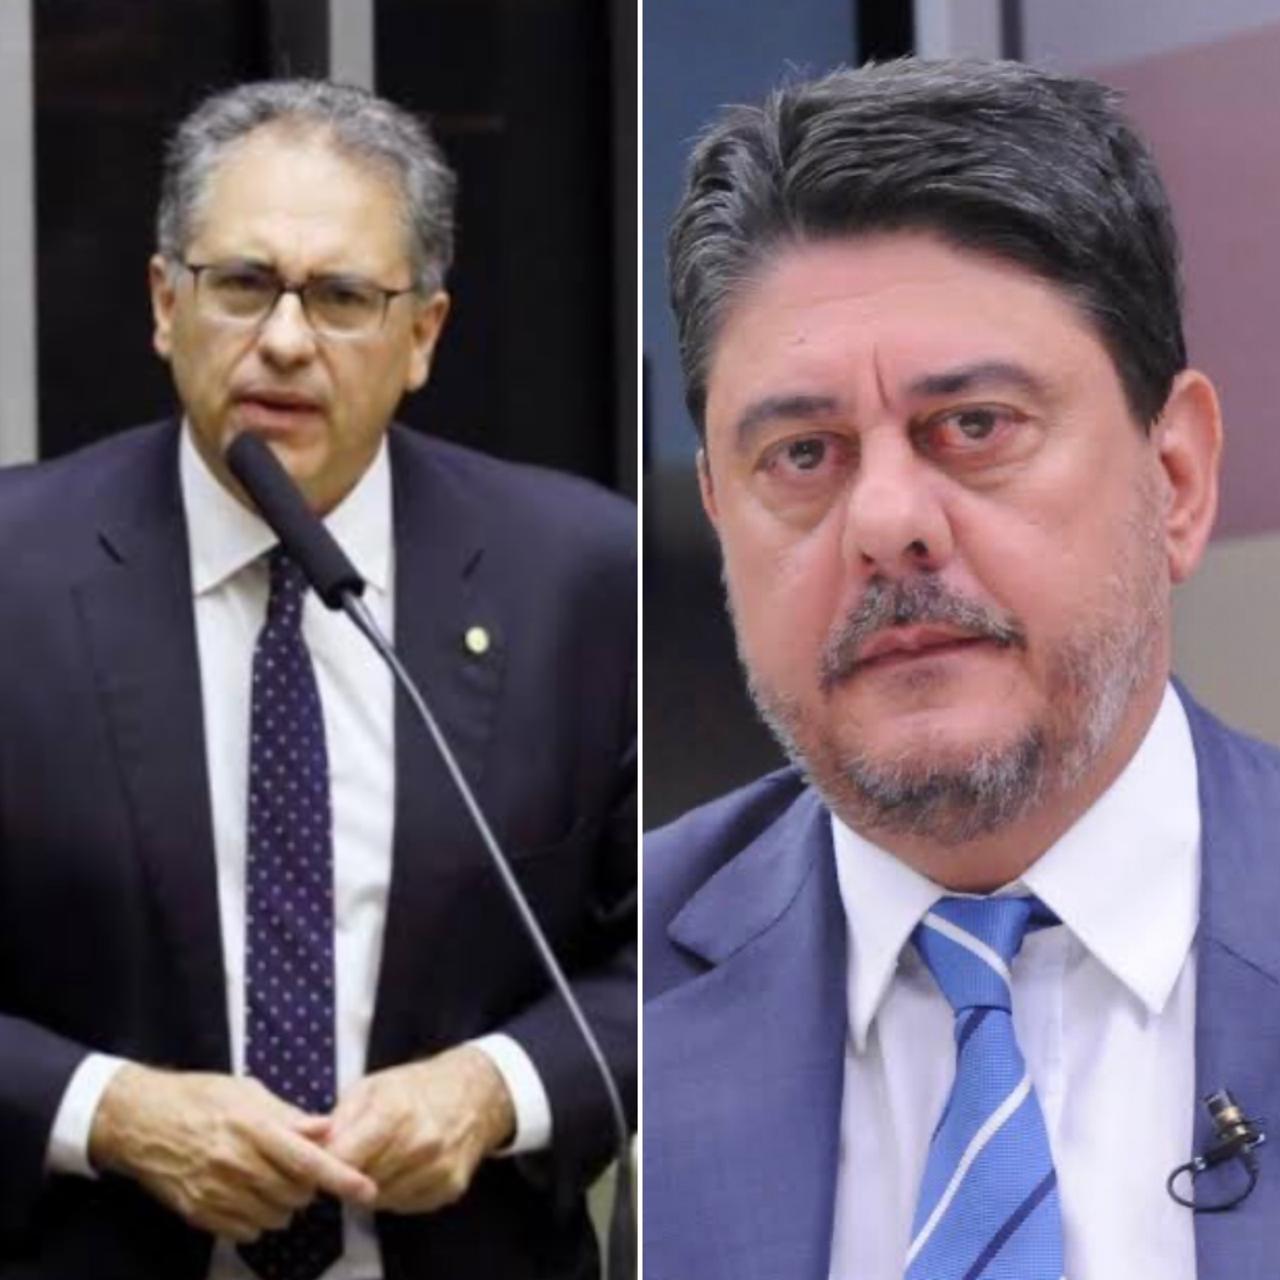 Operação Lava Jato montou uma farsa para tirar Lula das eleições, diz Zarattini